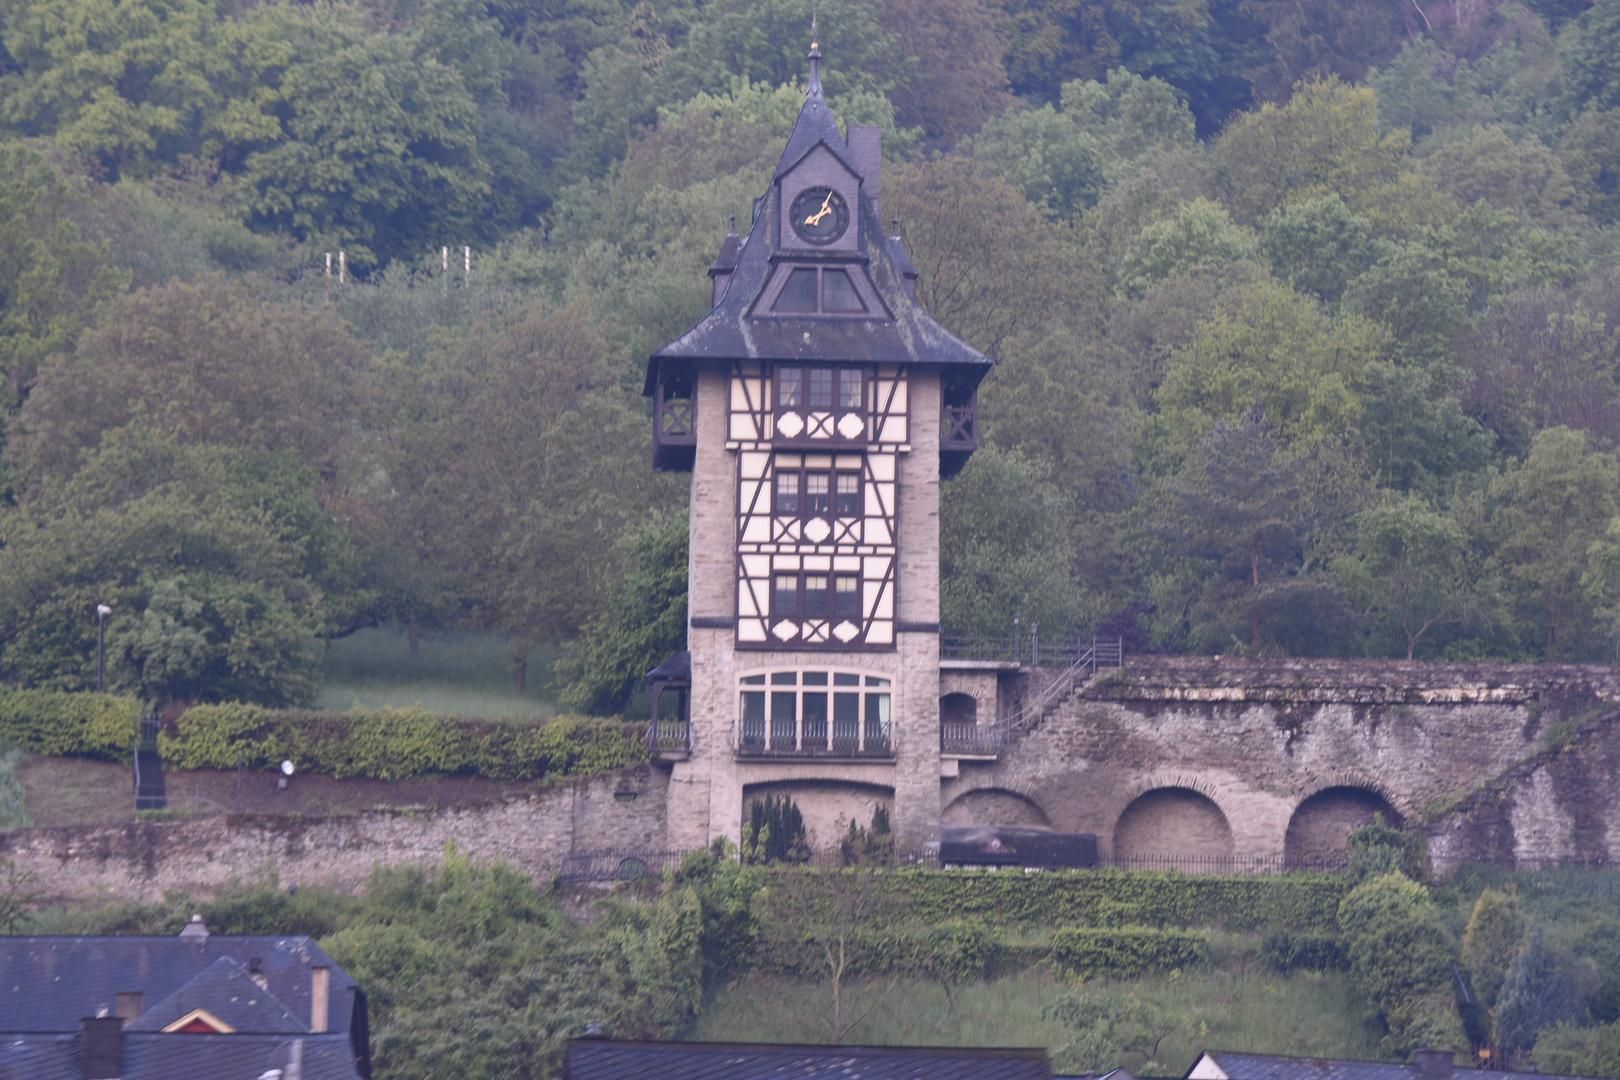 Wo befindet sich dieser Turm?